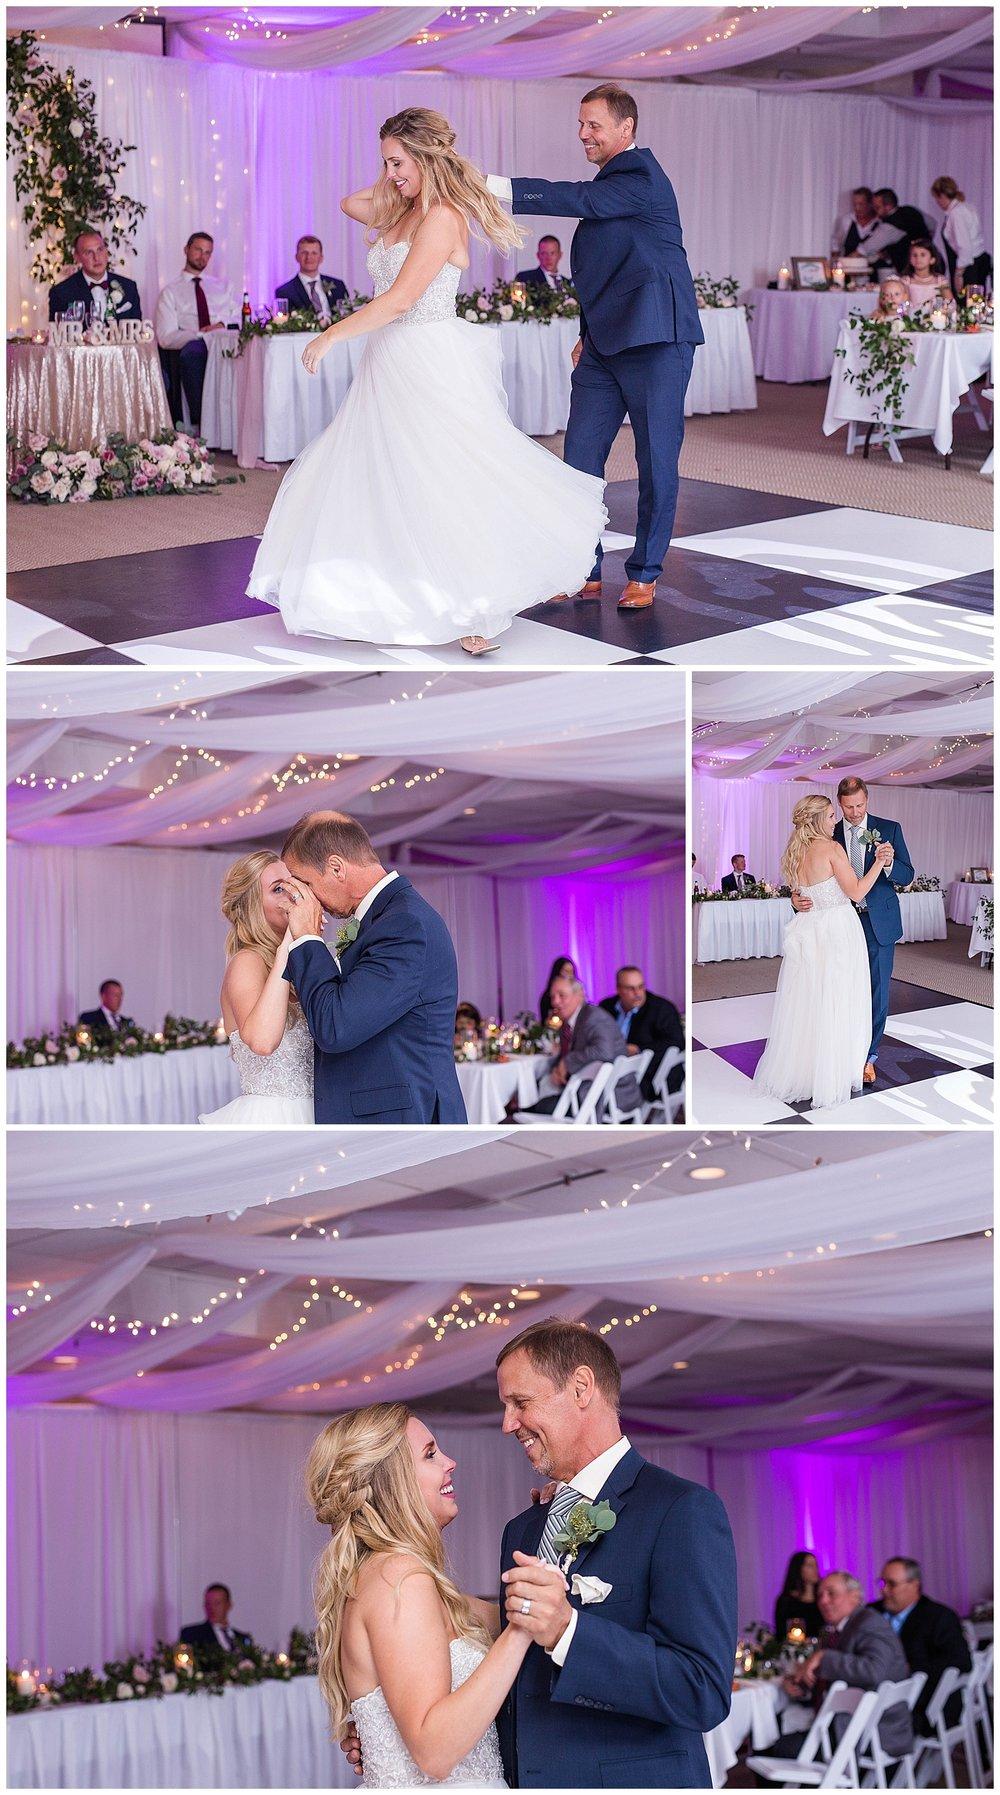 Saiko_Kara_Blakeman_Photography_Snowshoe_Wedding_Wv_2018_59